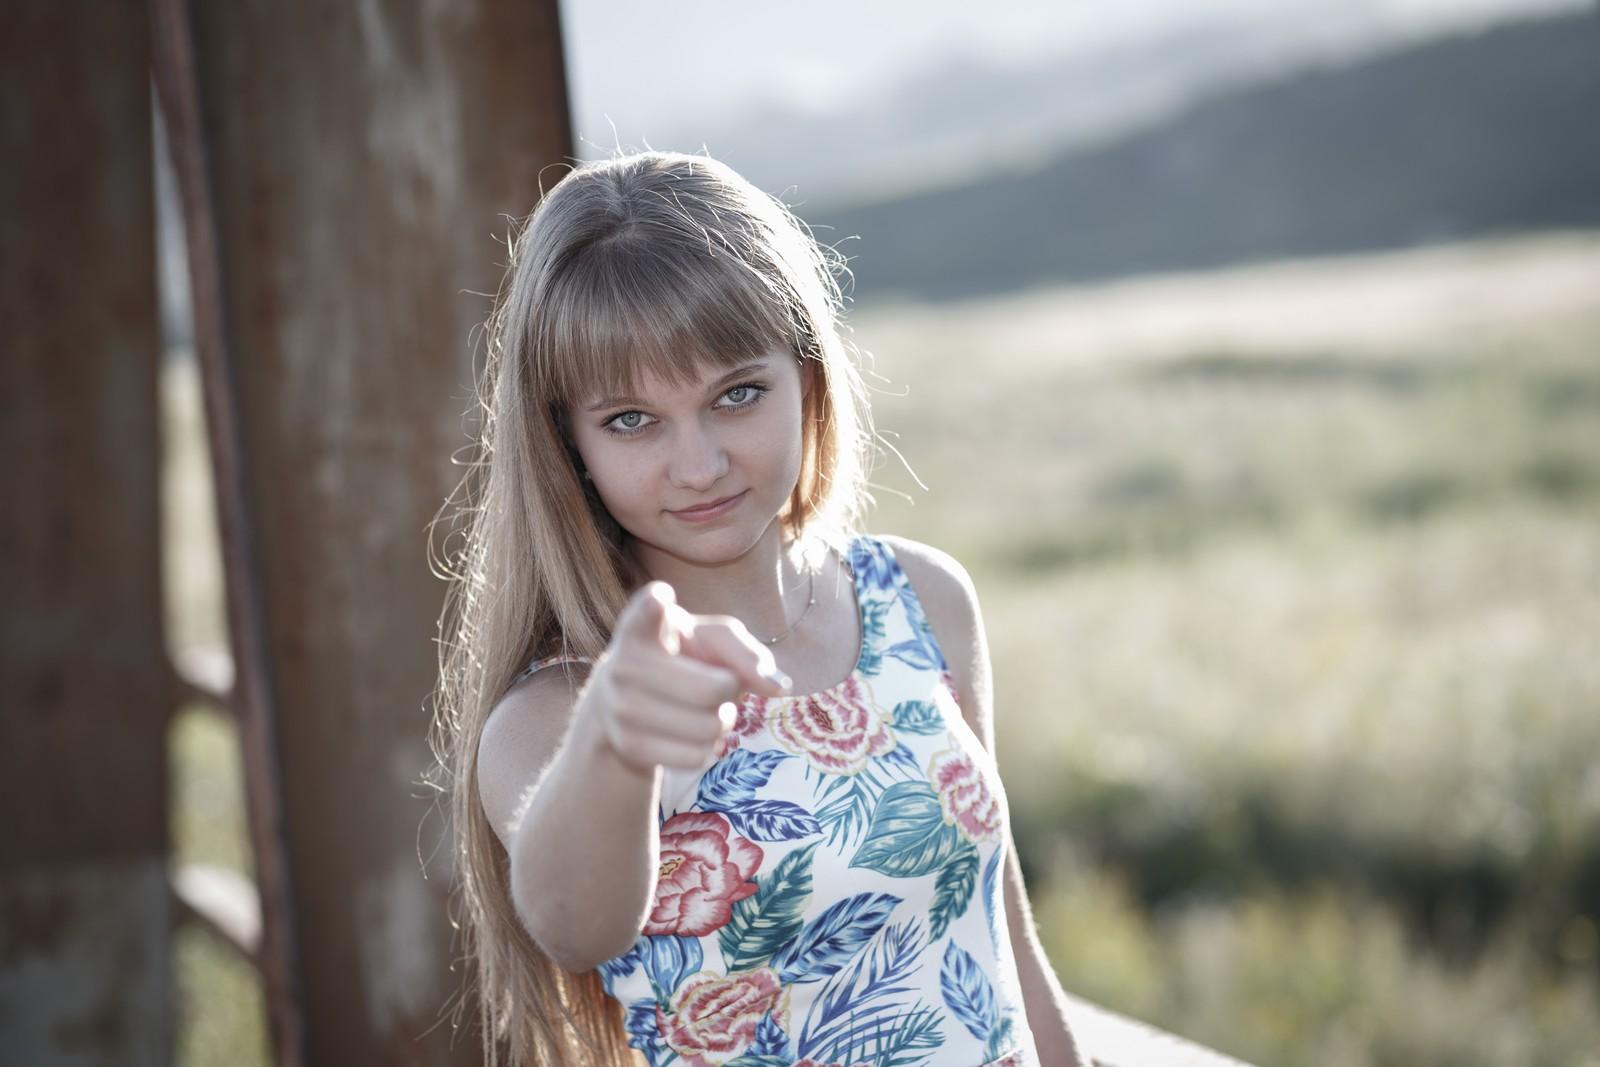 Zdjęcie blondwłosej modelki